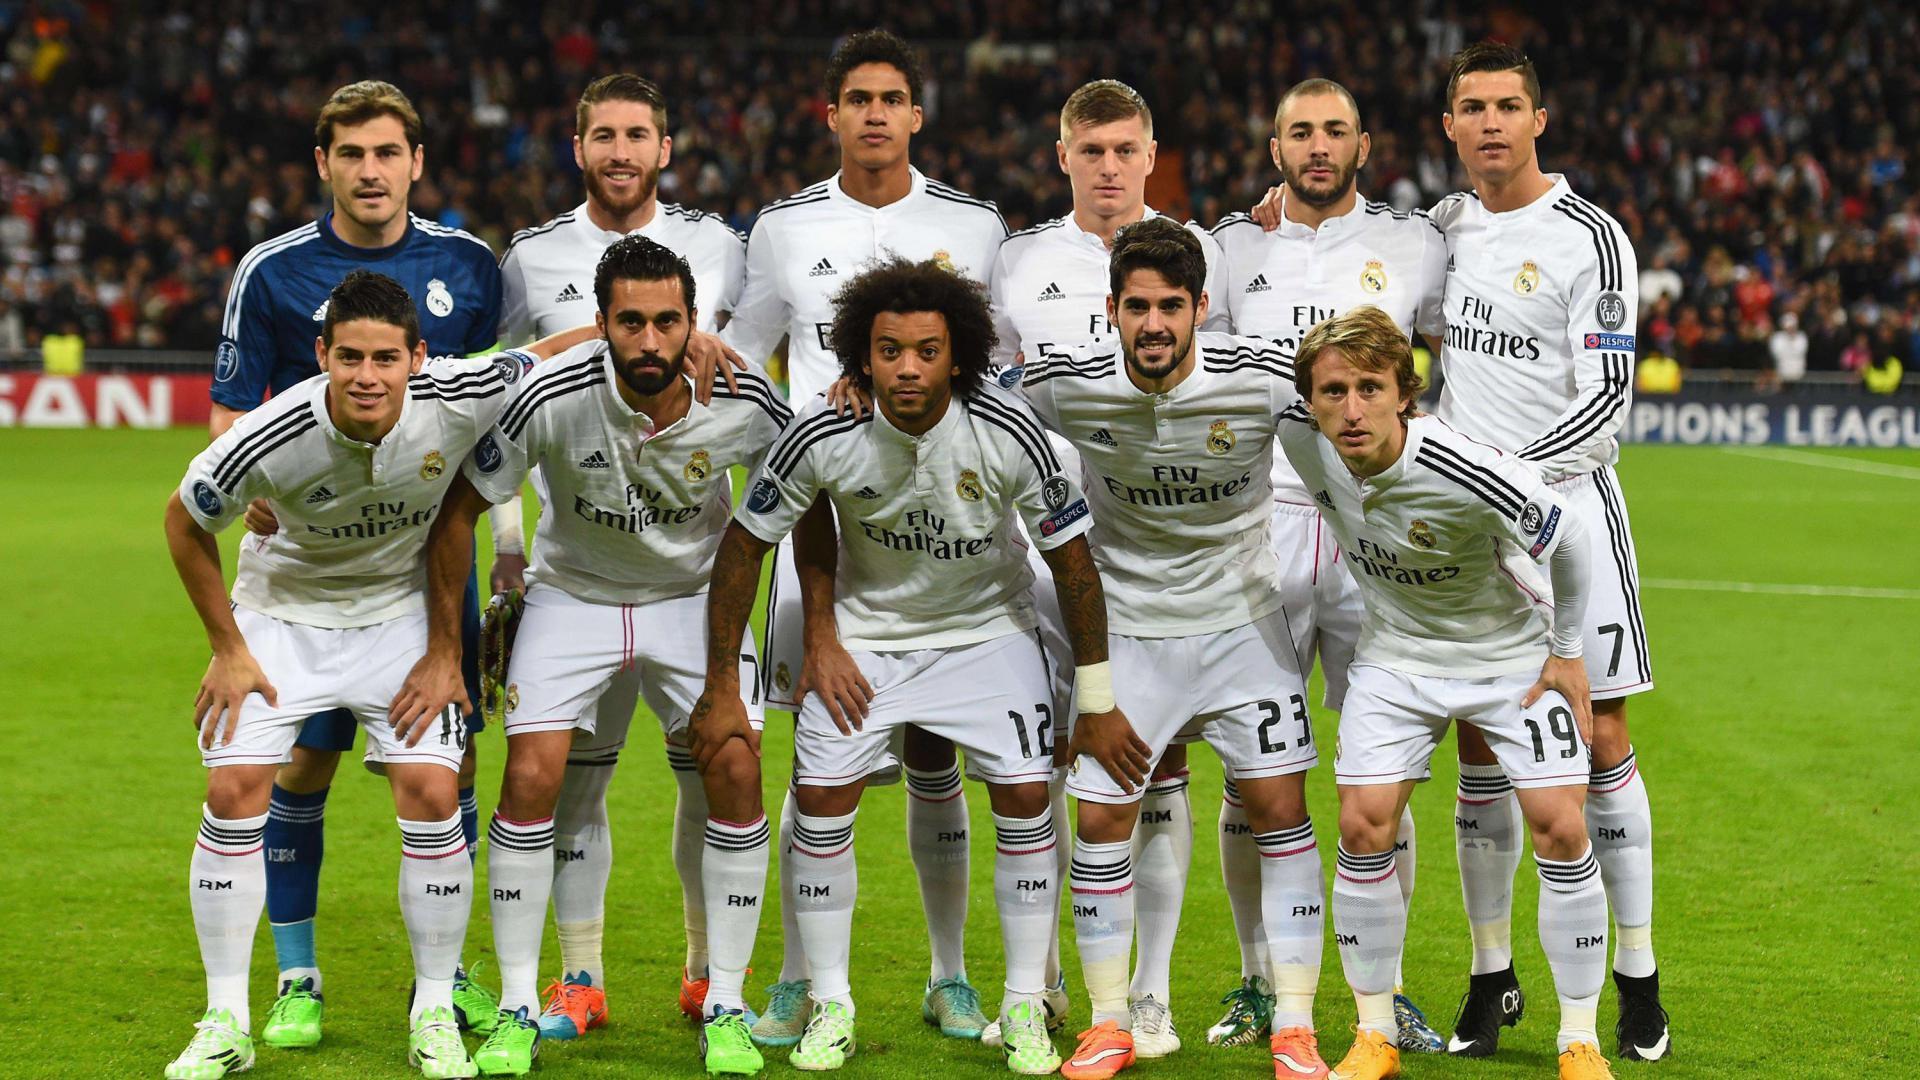 Мариано Диас возвращается в Реал Мадрид Как сообщает официальный сайт Королевского